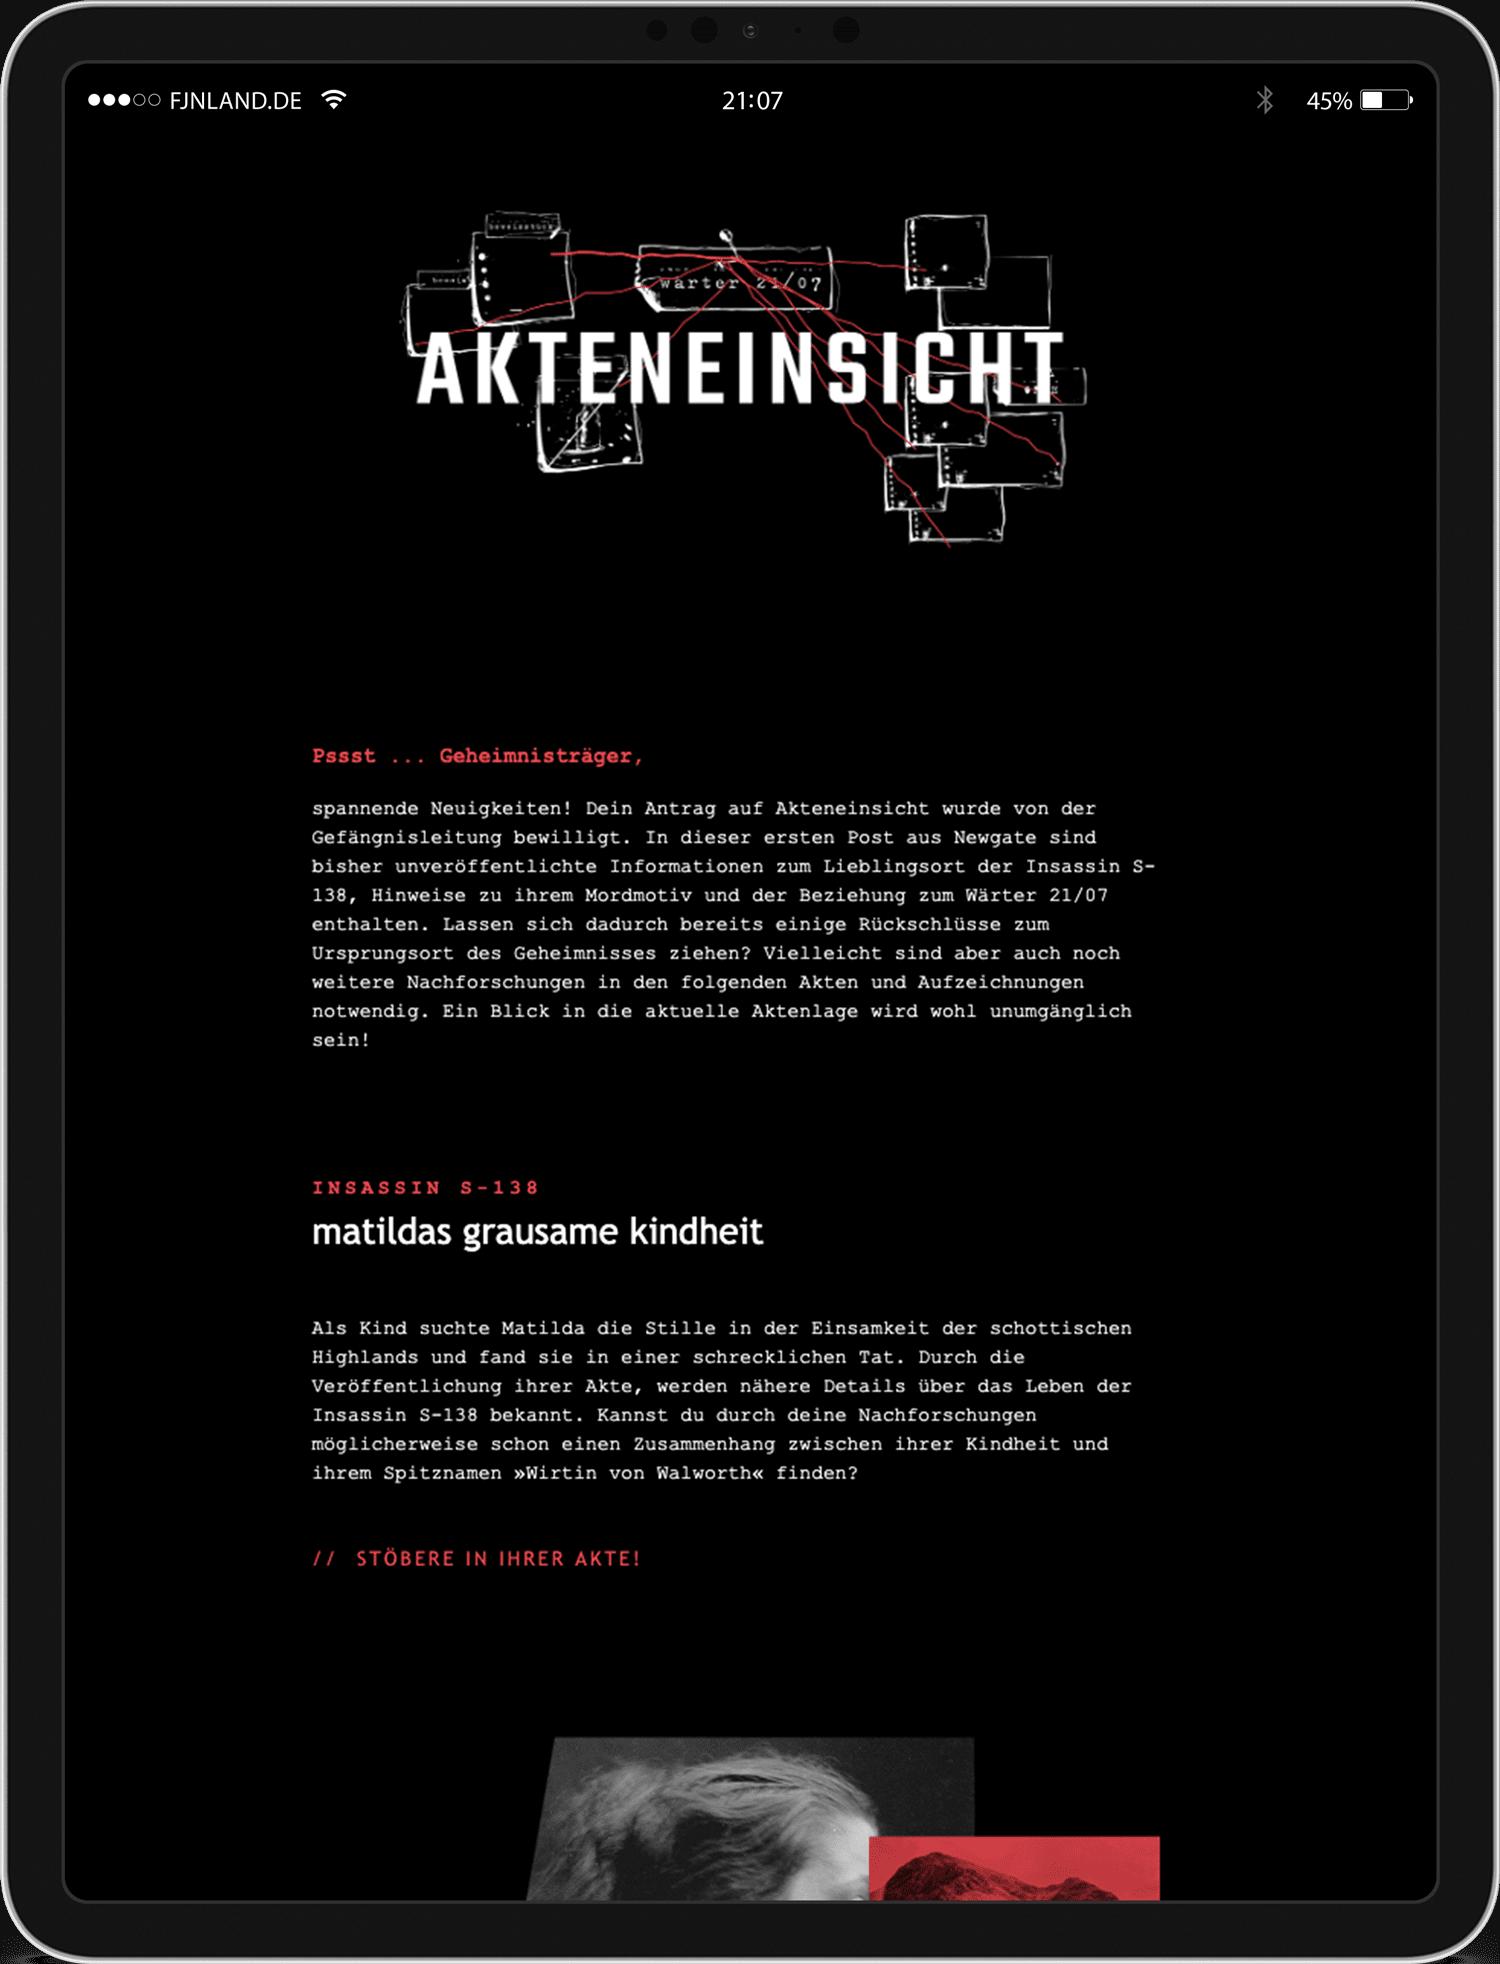 Akteneinsicht auf iPad, Informationen zur Geschichte des spannendsten London Dry Gin aus Würzburg